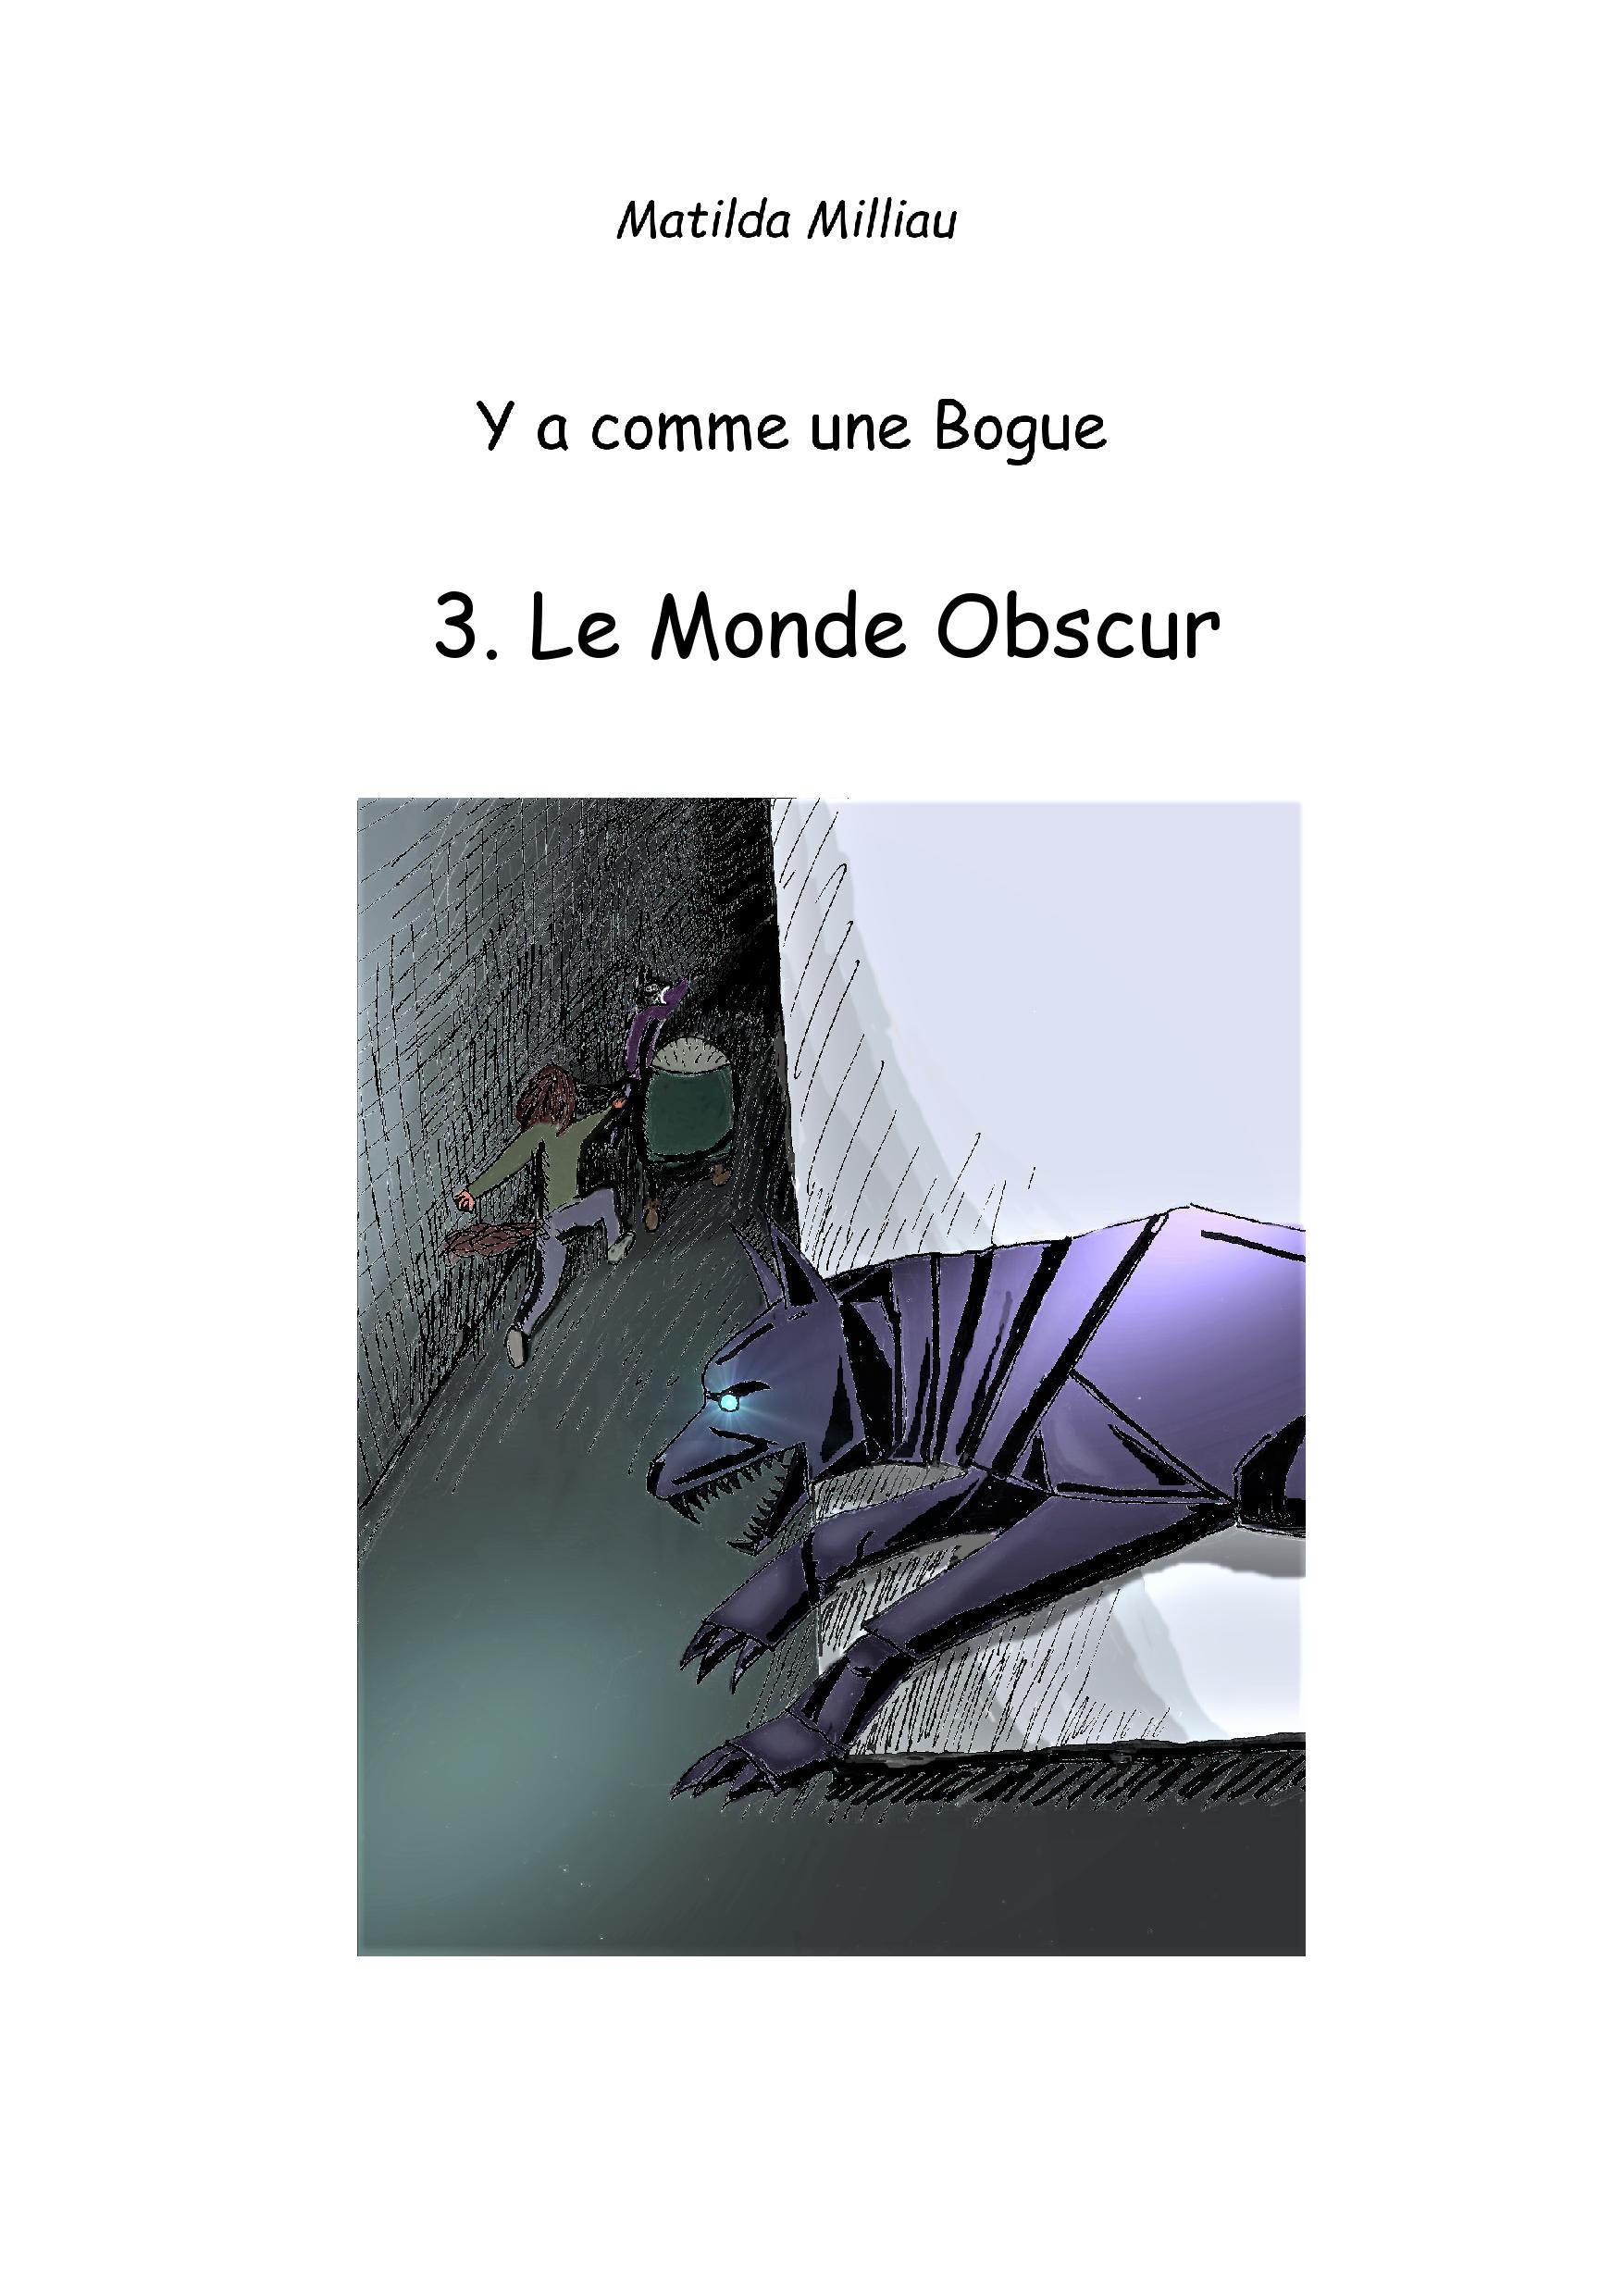 Le Monde Obscur